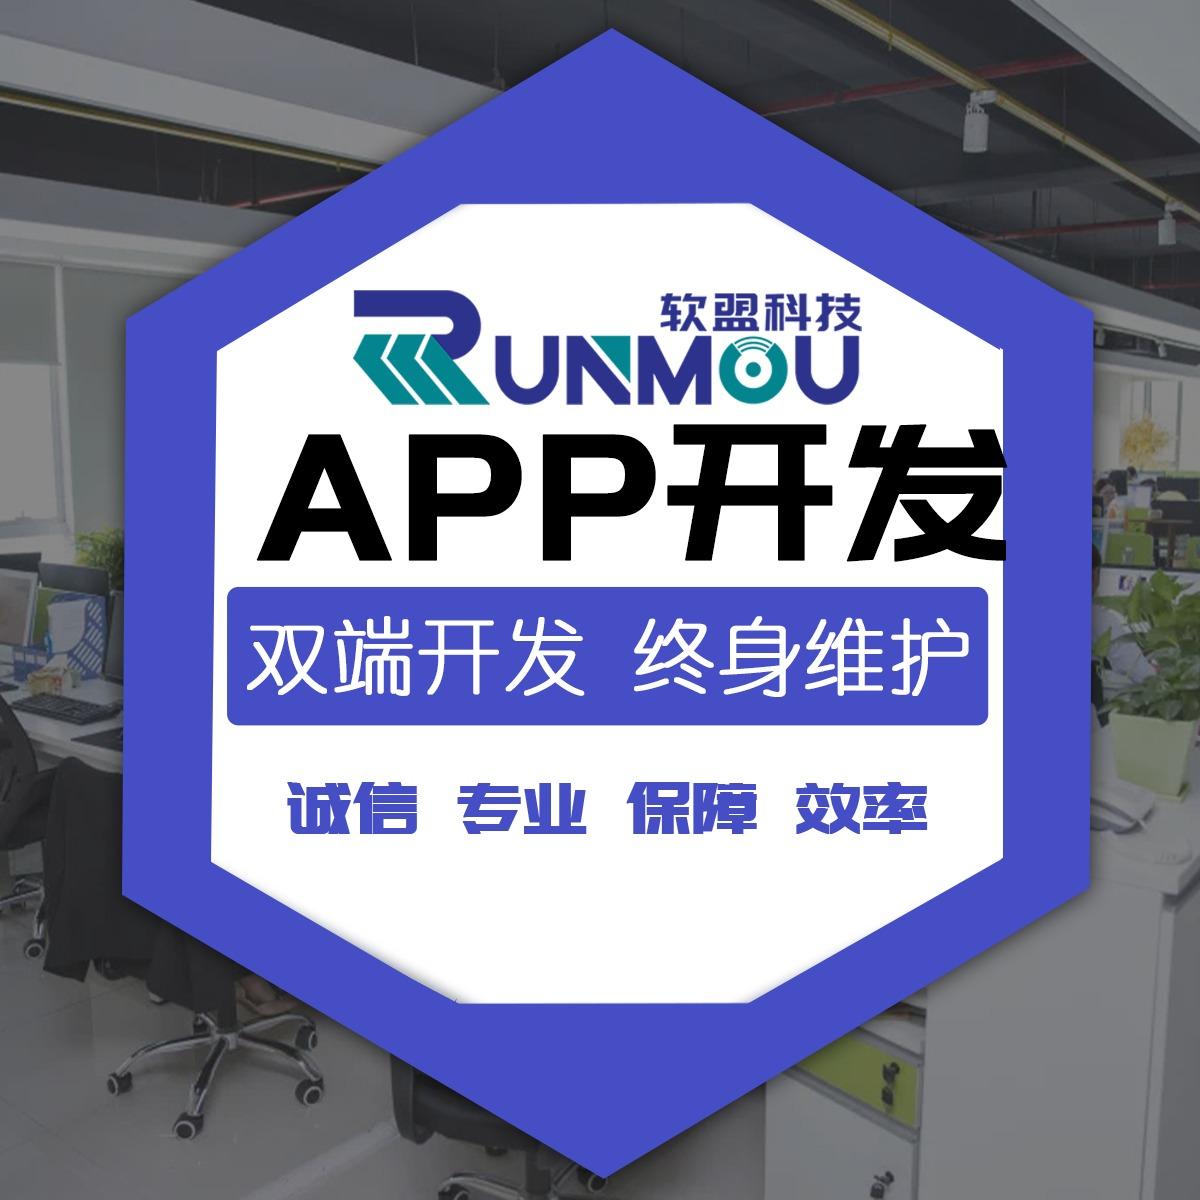 直播带货APP定制直播商城 秒杀抢购直播互动安卓苹果商城